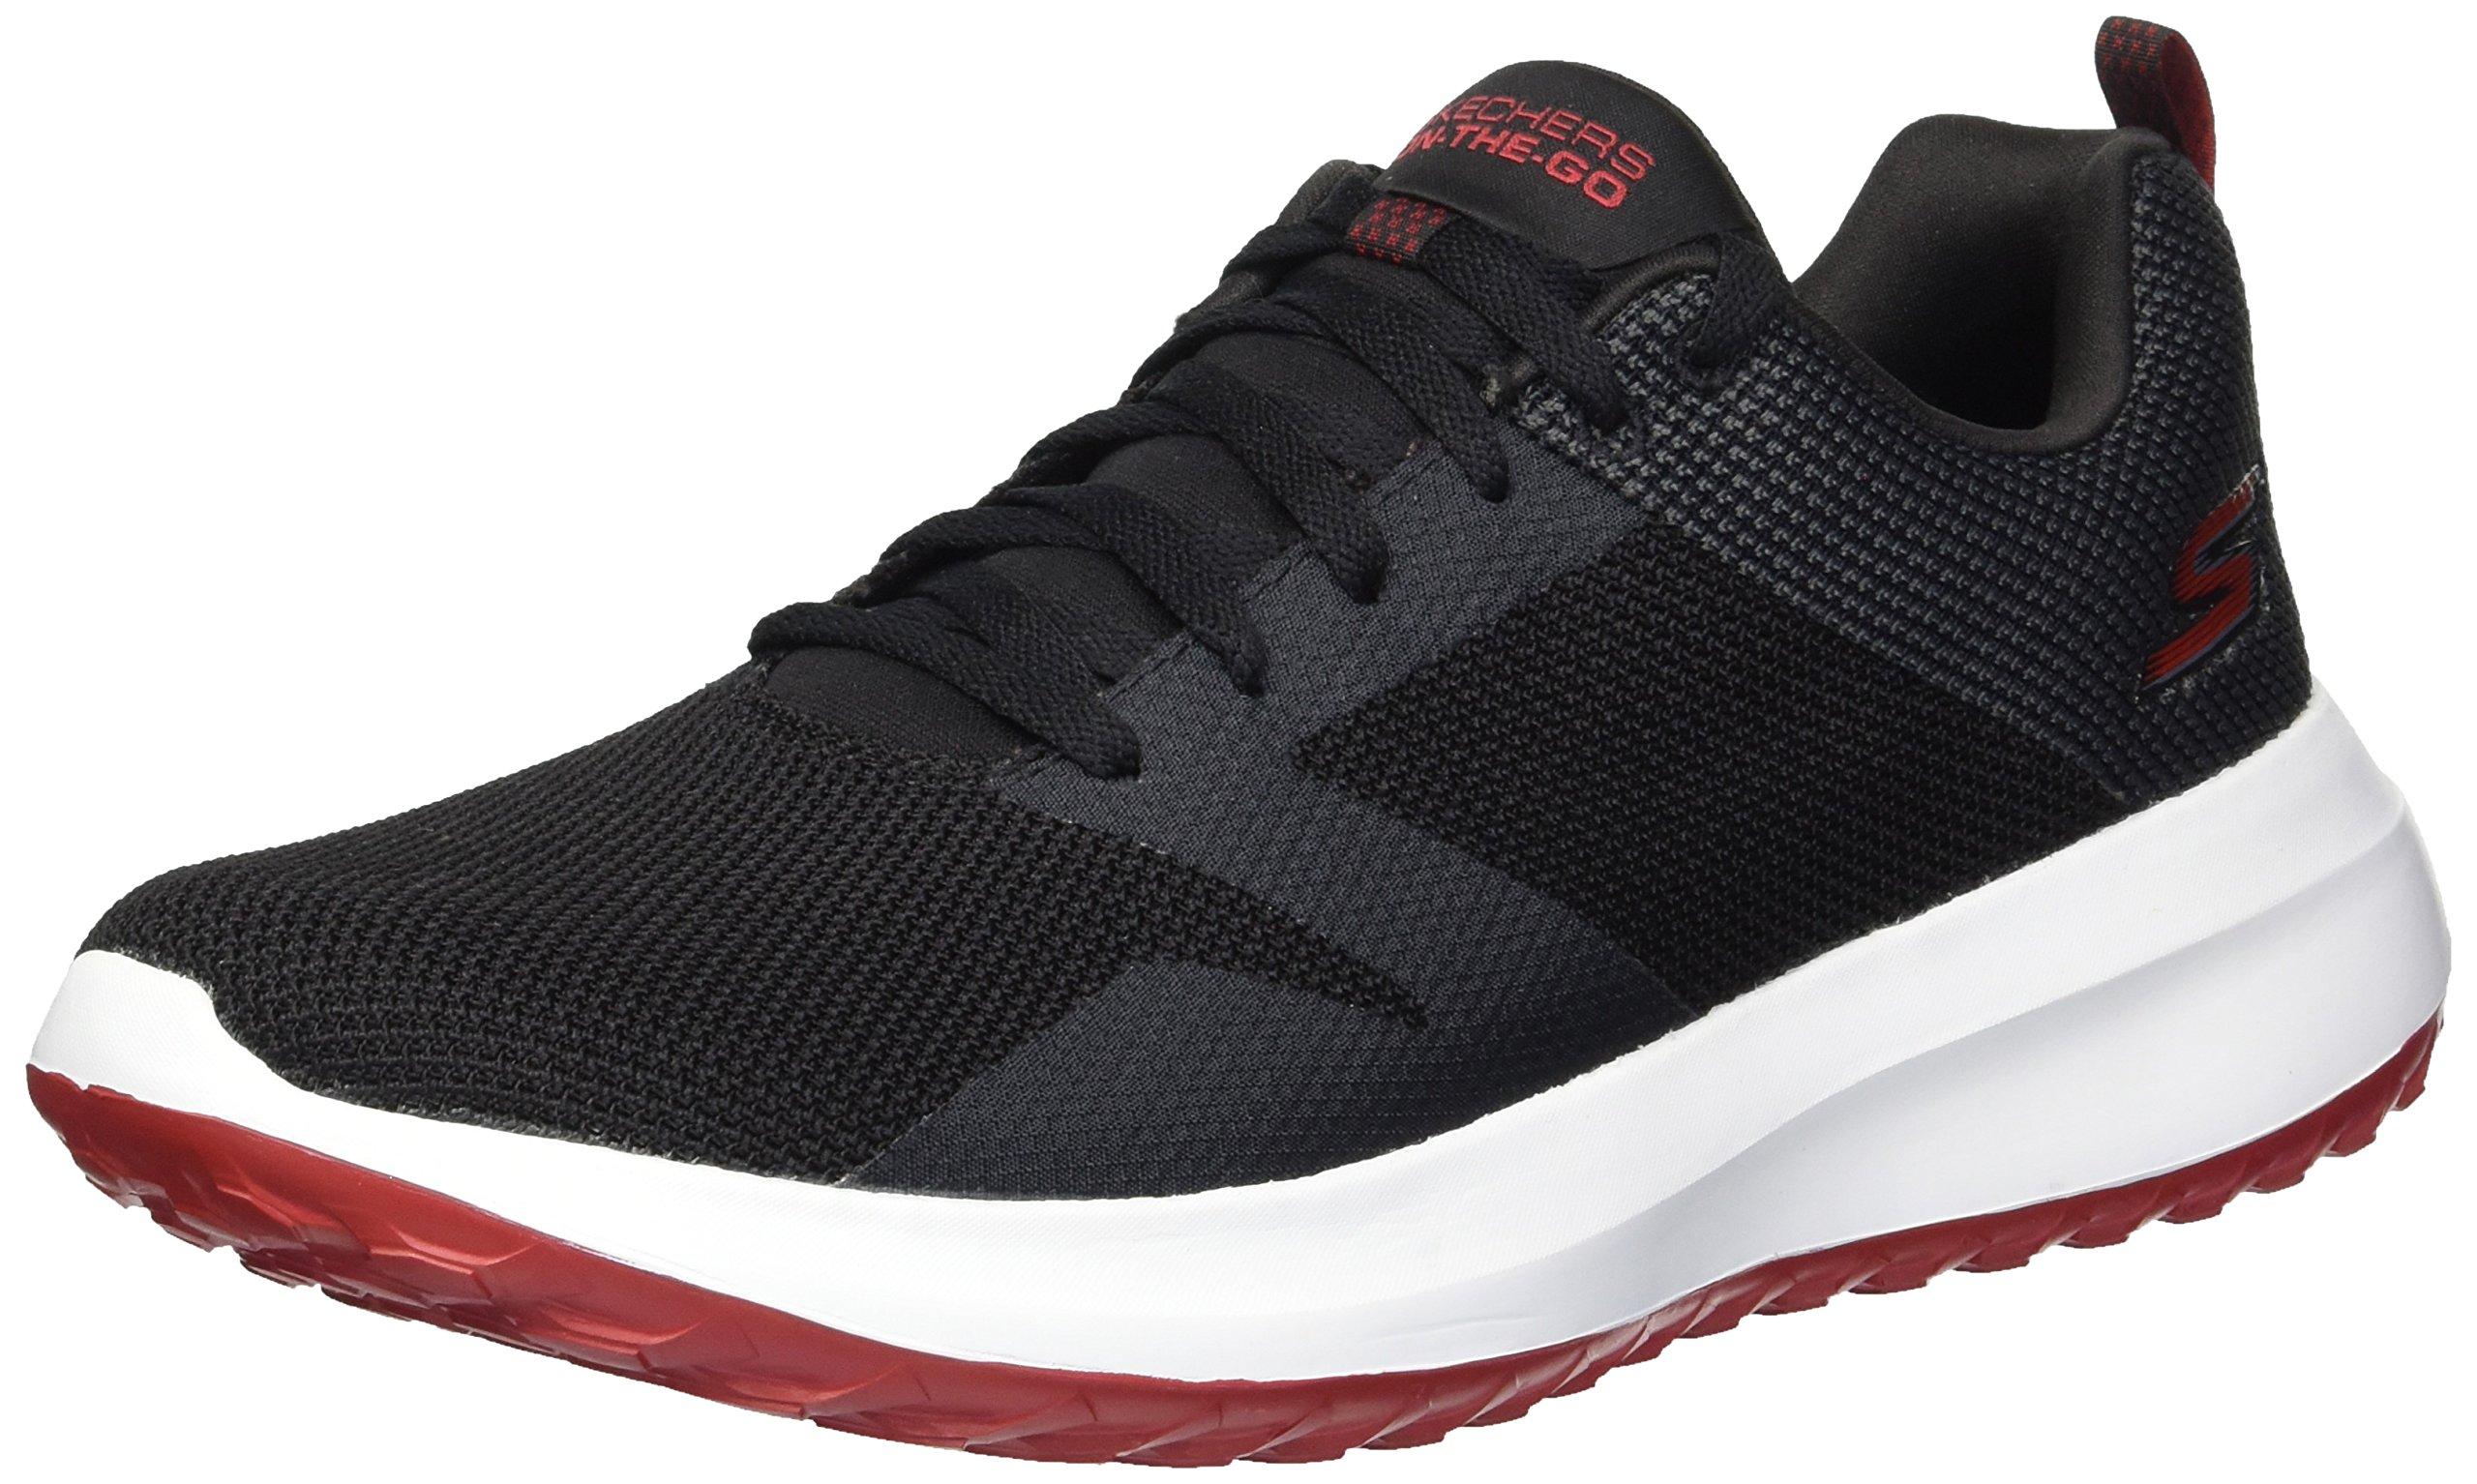 Skechers Men's on-The-GO City 4.0 Sneaker, Black/White, 14 M US